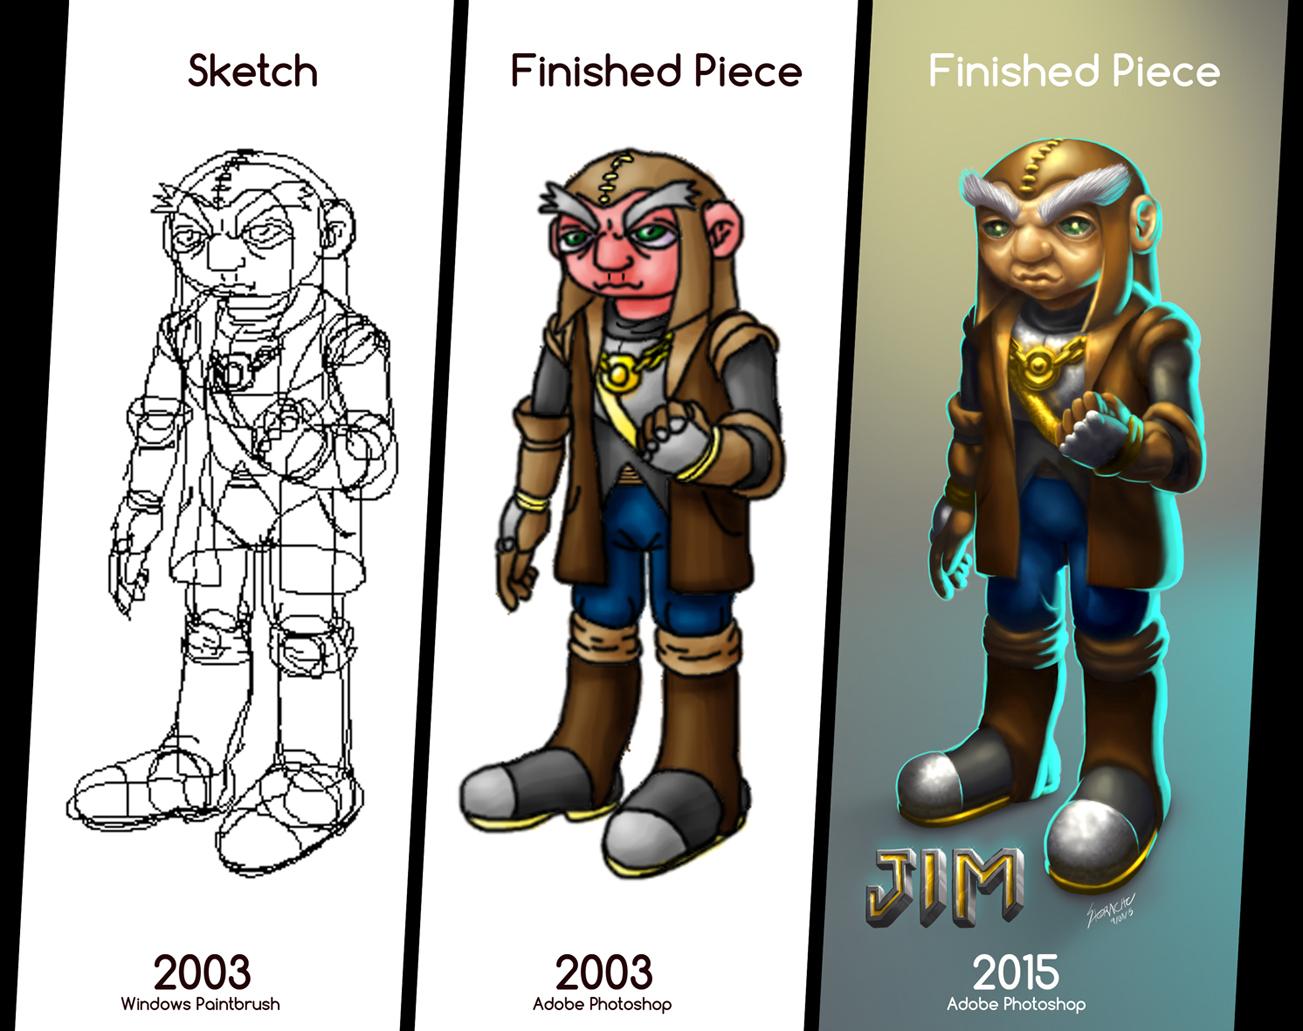 Jim the dwarf comparison